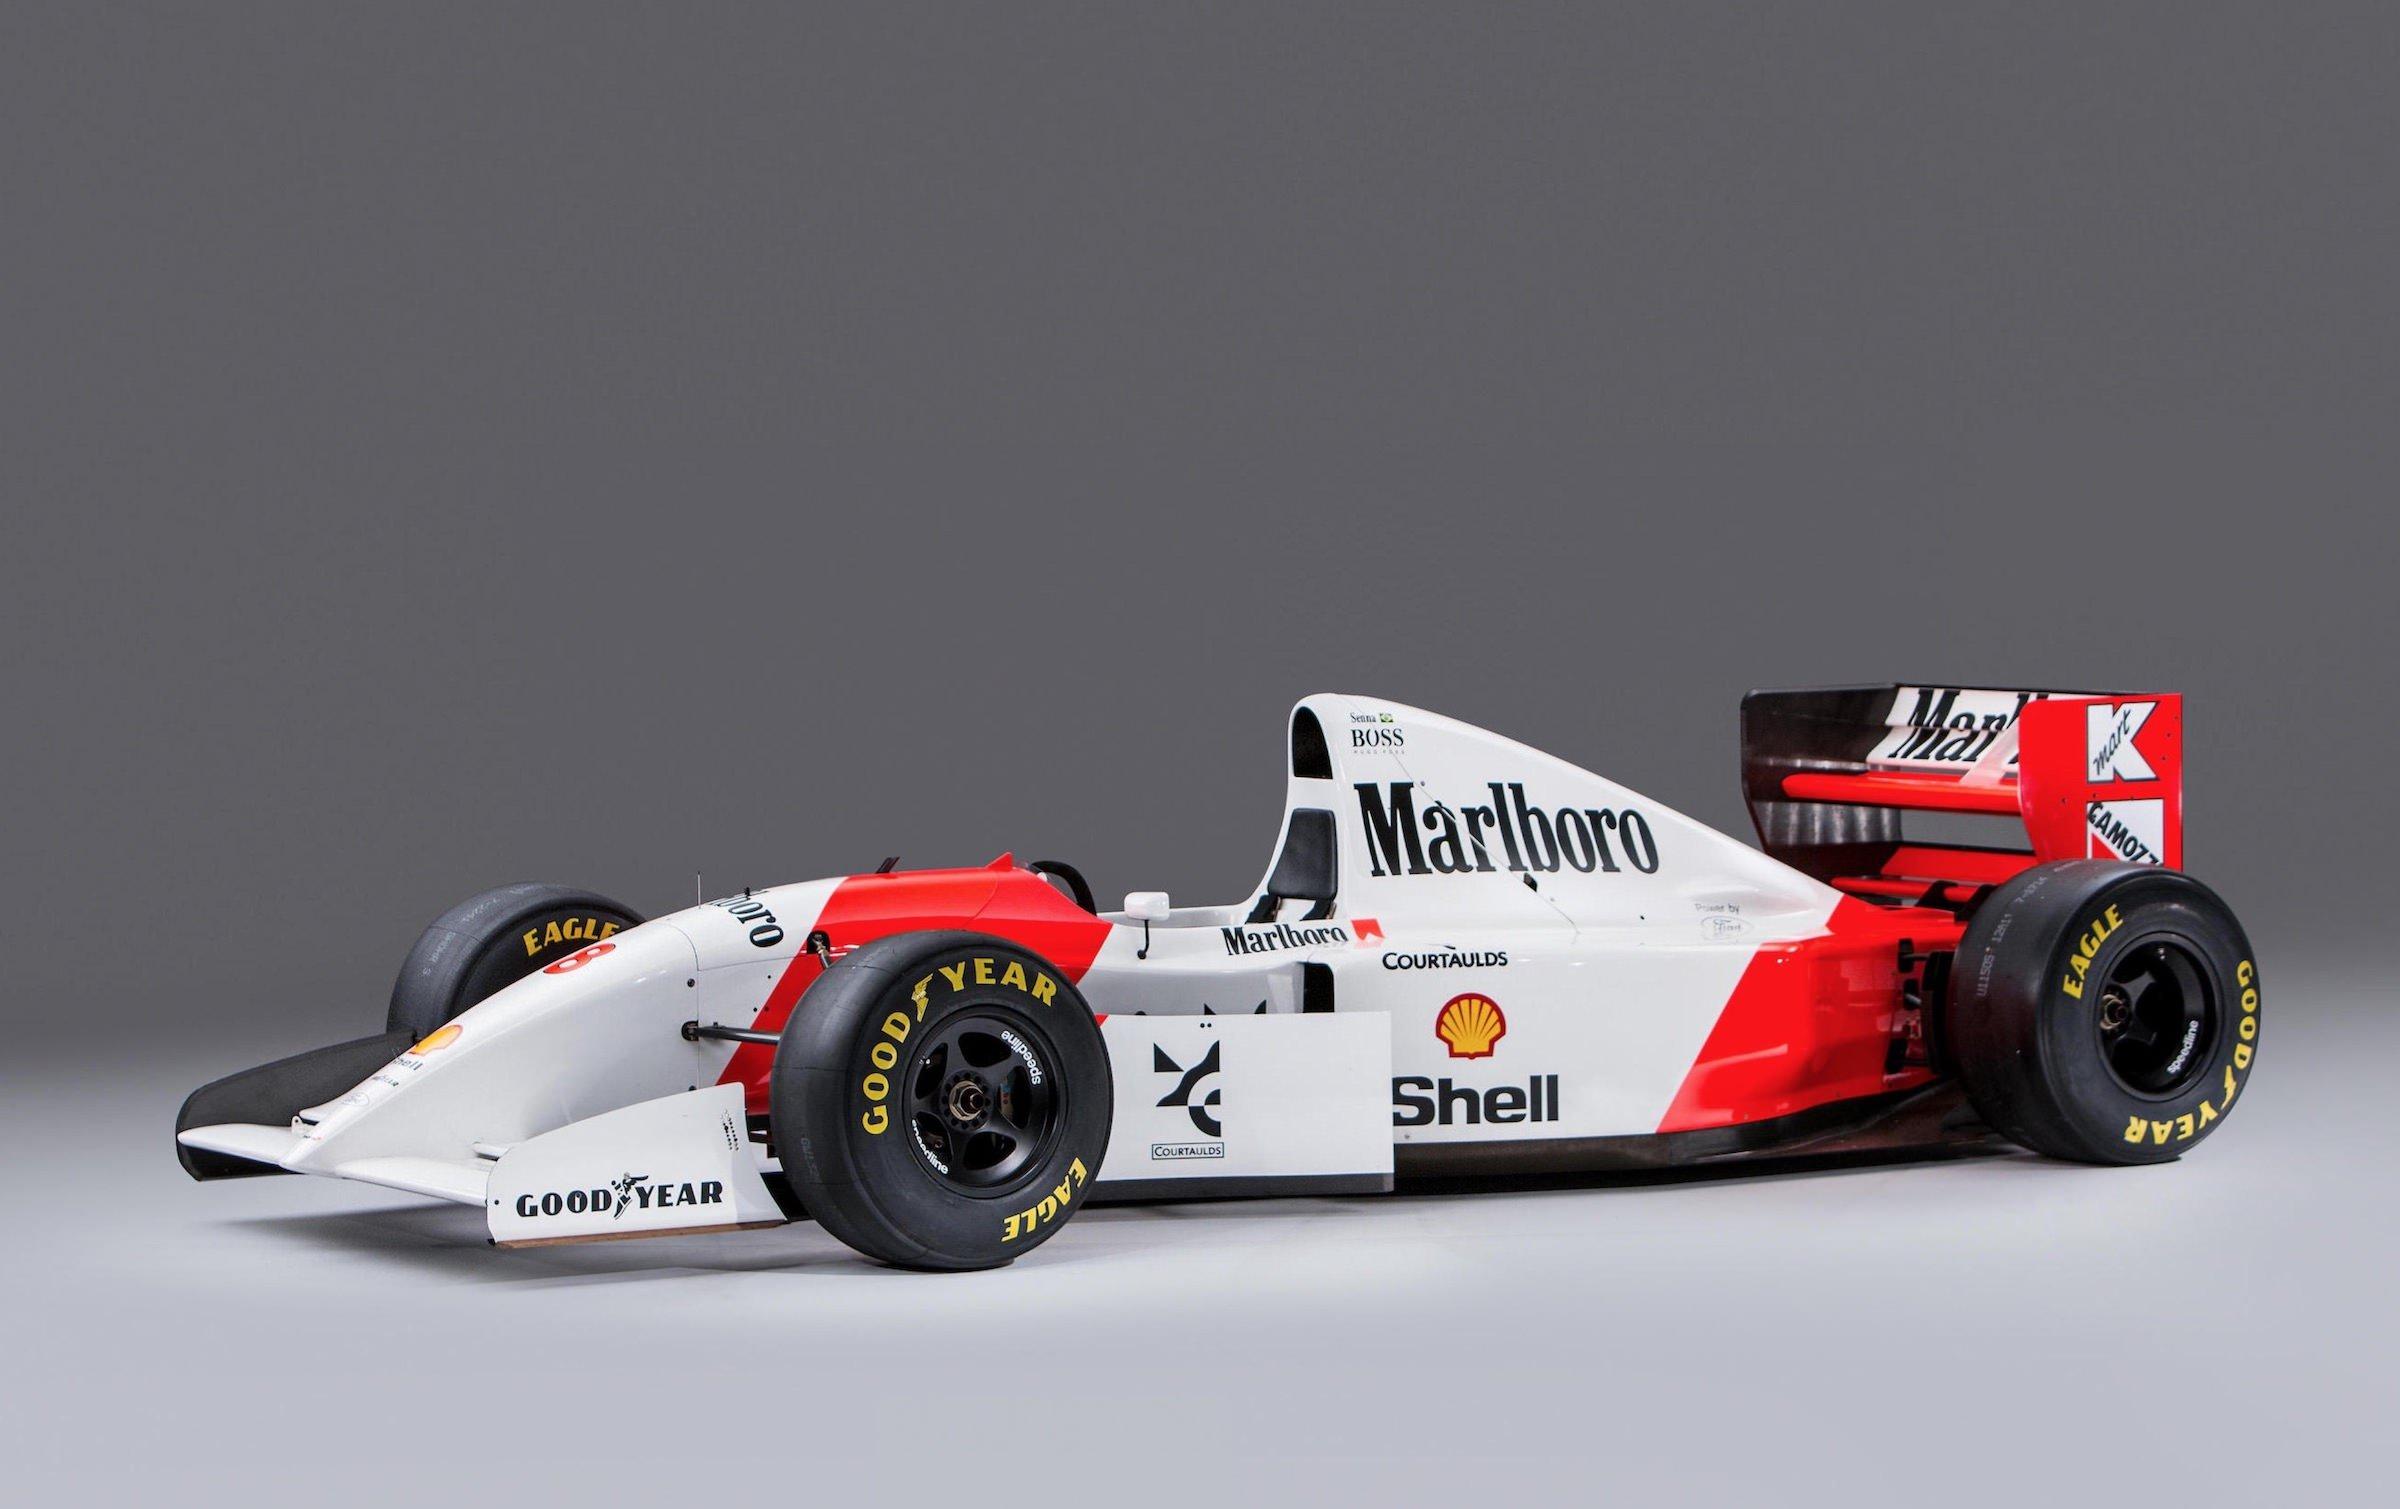 Ayrton Senna S Original 1993 Mclaren Mp4 8 Formula 1 Car